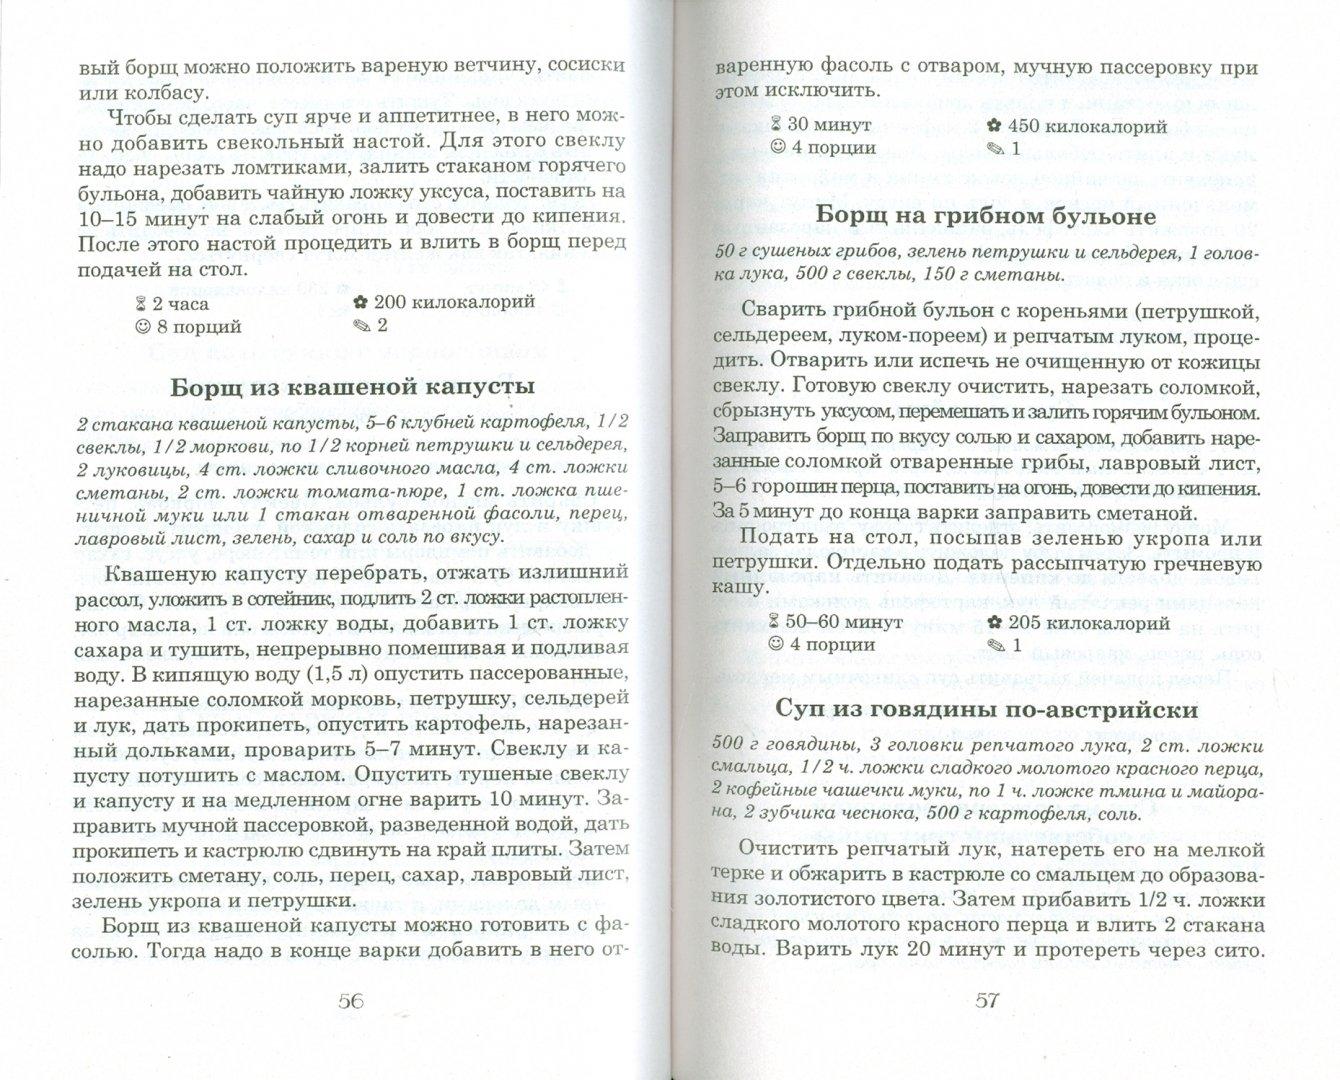 Иллюстрация 1 из 7 для Экономная кулинария: доступно, вкусно, быстро - Анна Сударушкина | Лабиринт - книги. Источник: Лабиринт